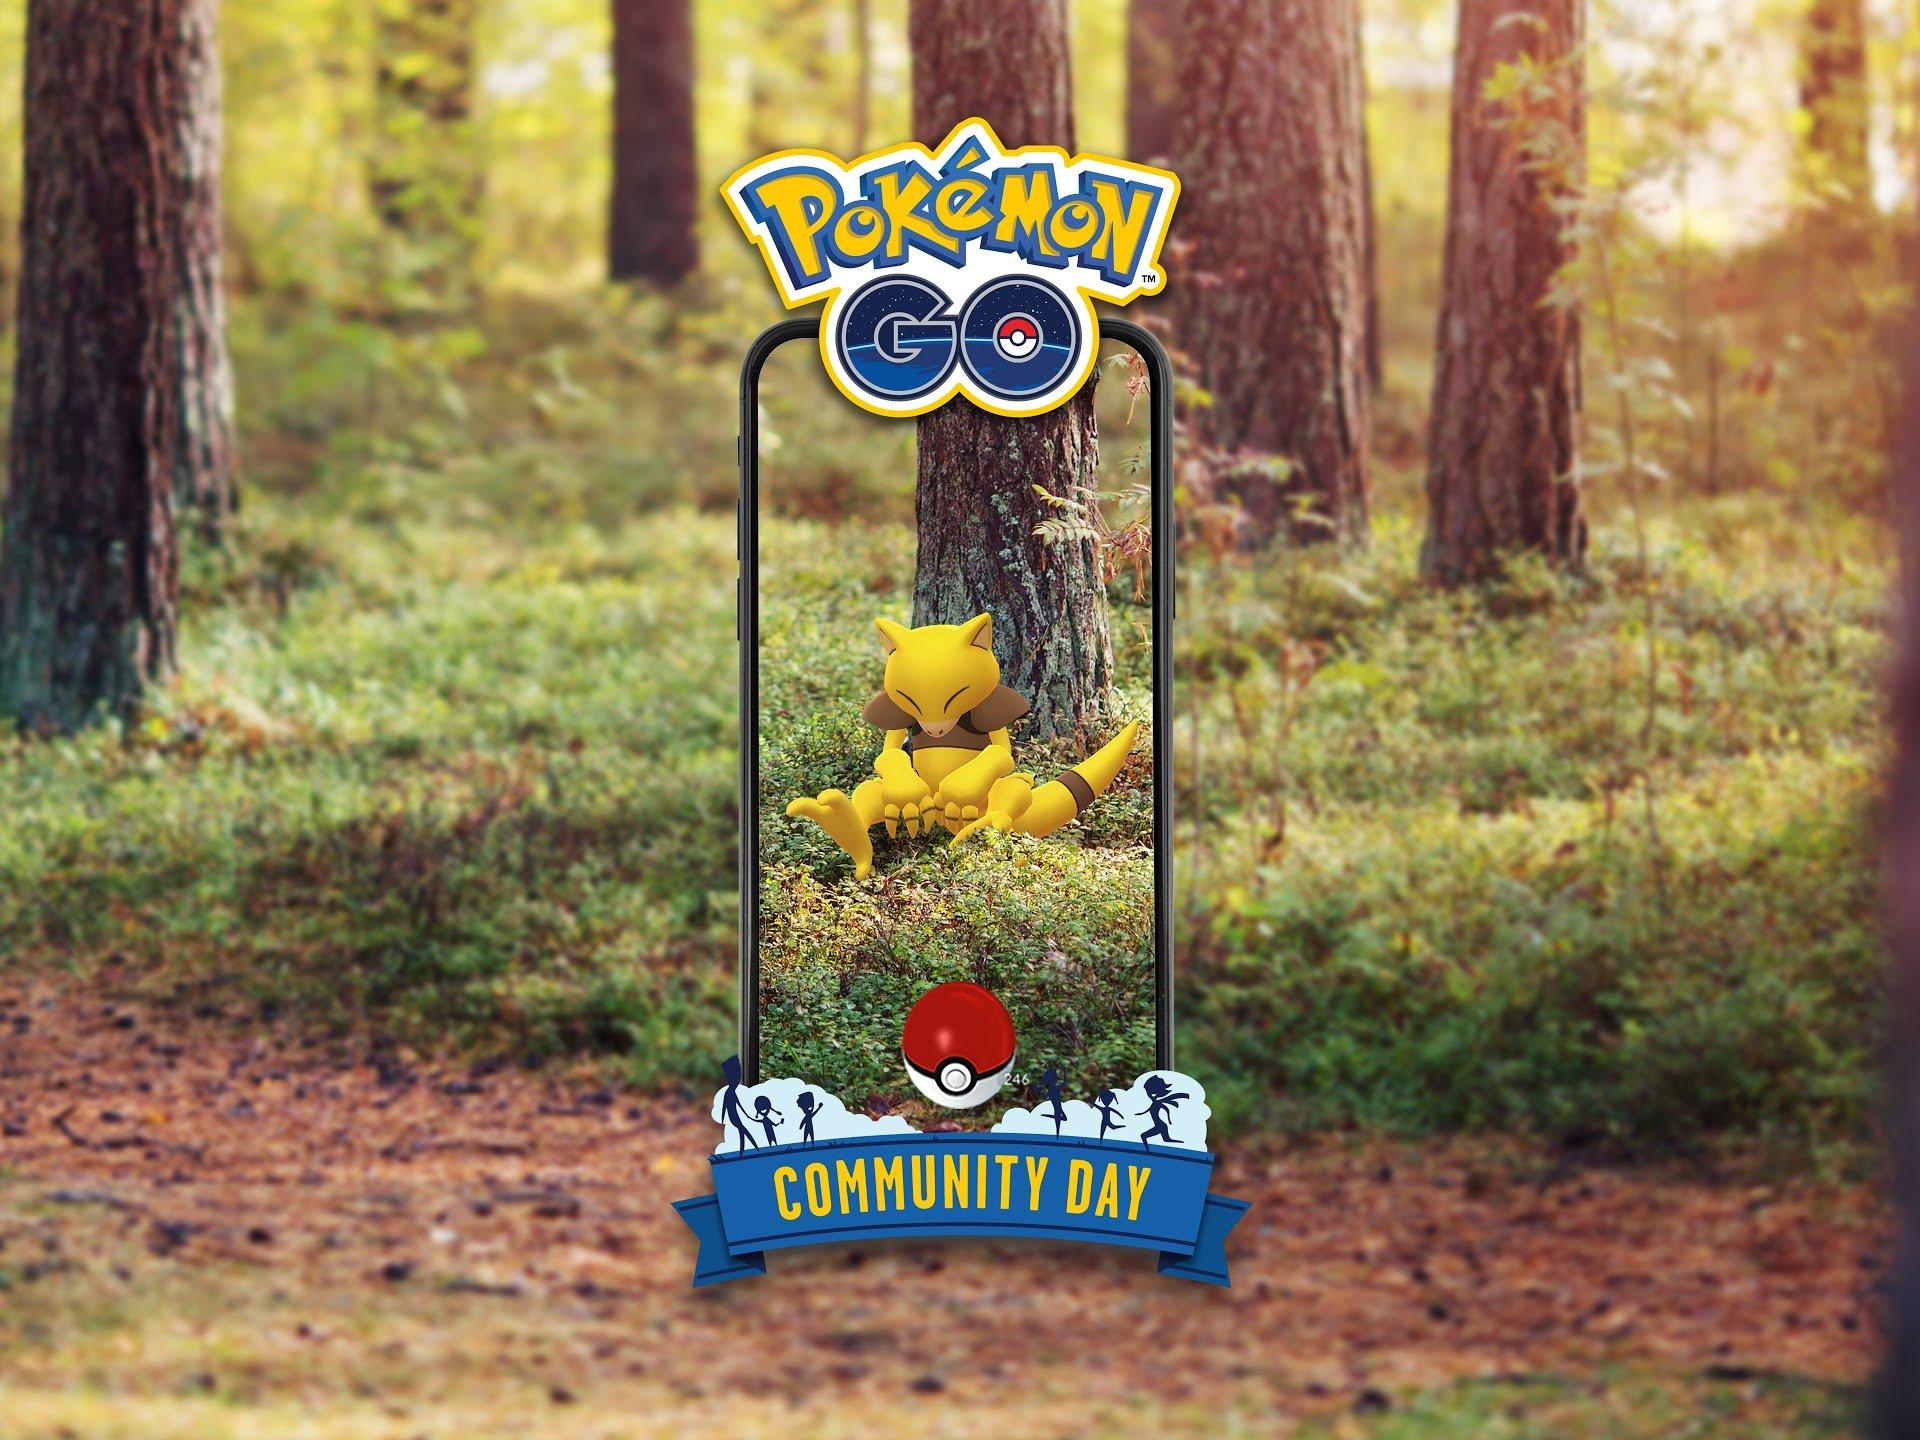 Abra is Pokémon Go's March 2020 Community Day